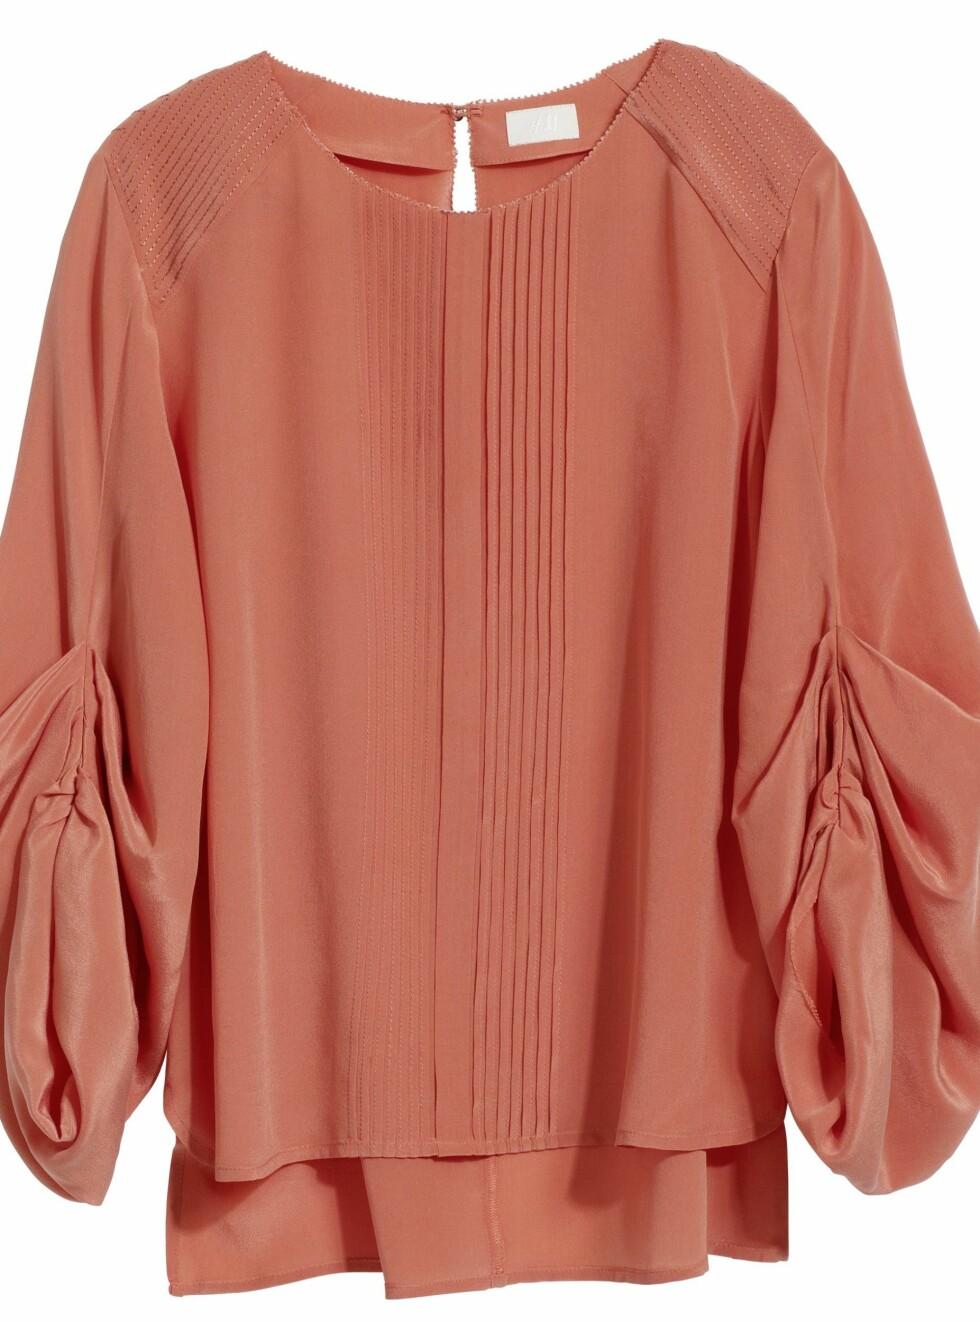 Korallfarget bluse med løs passform, lange ermer og knapp i nakken, kr 499. Foto: Produsenten